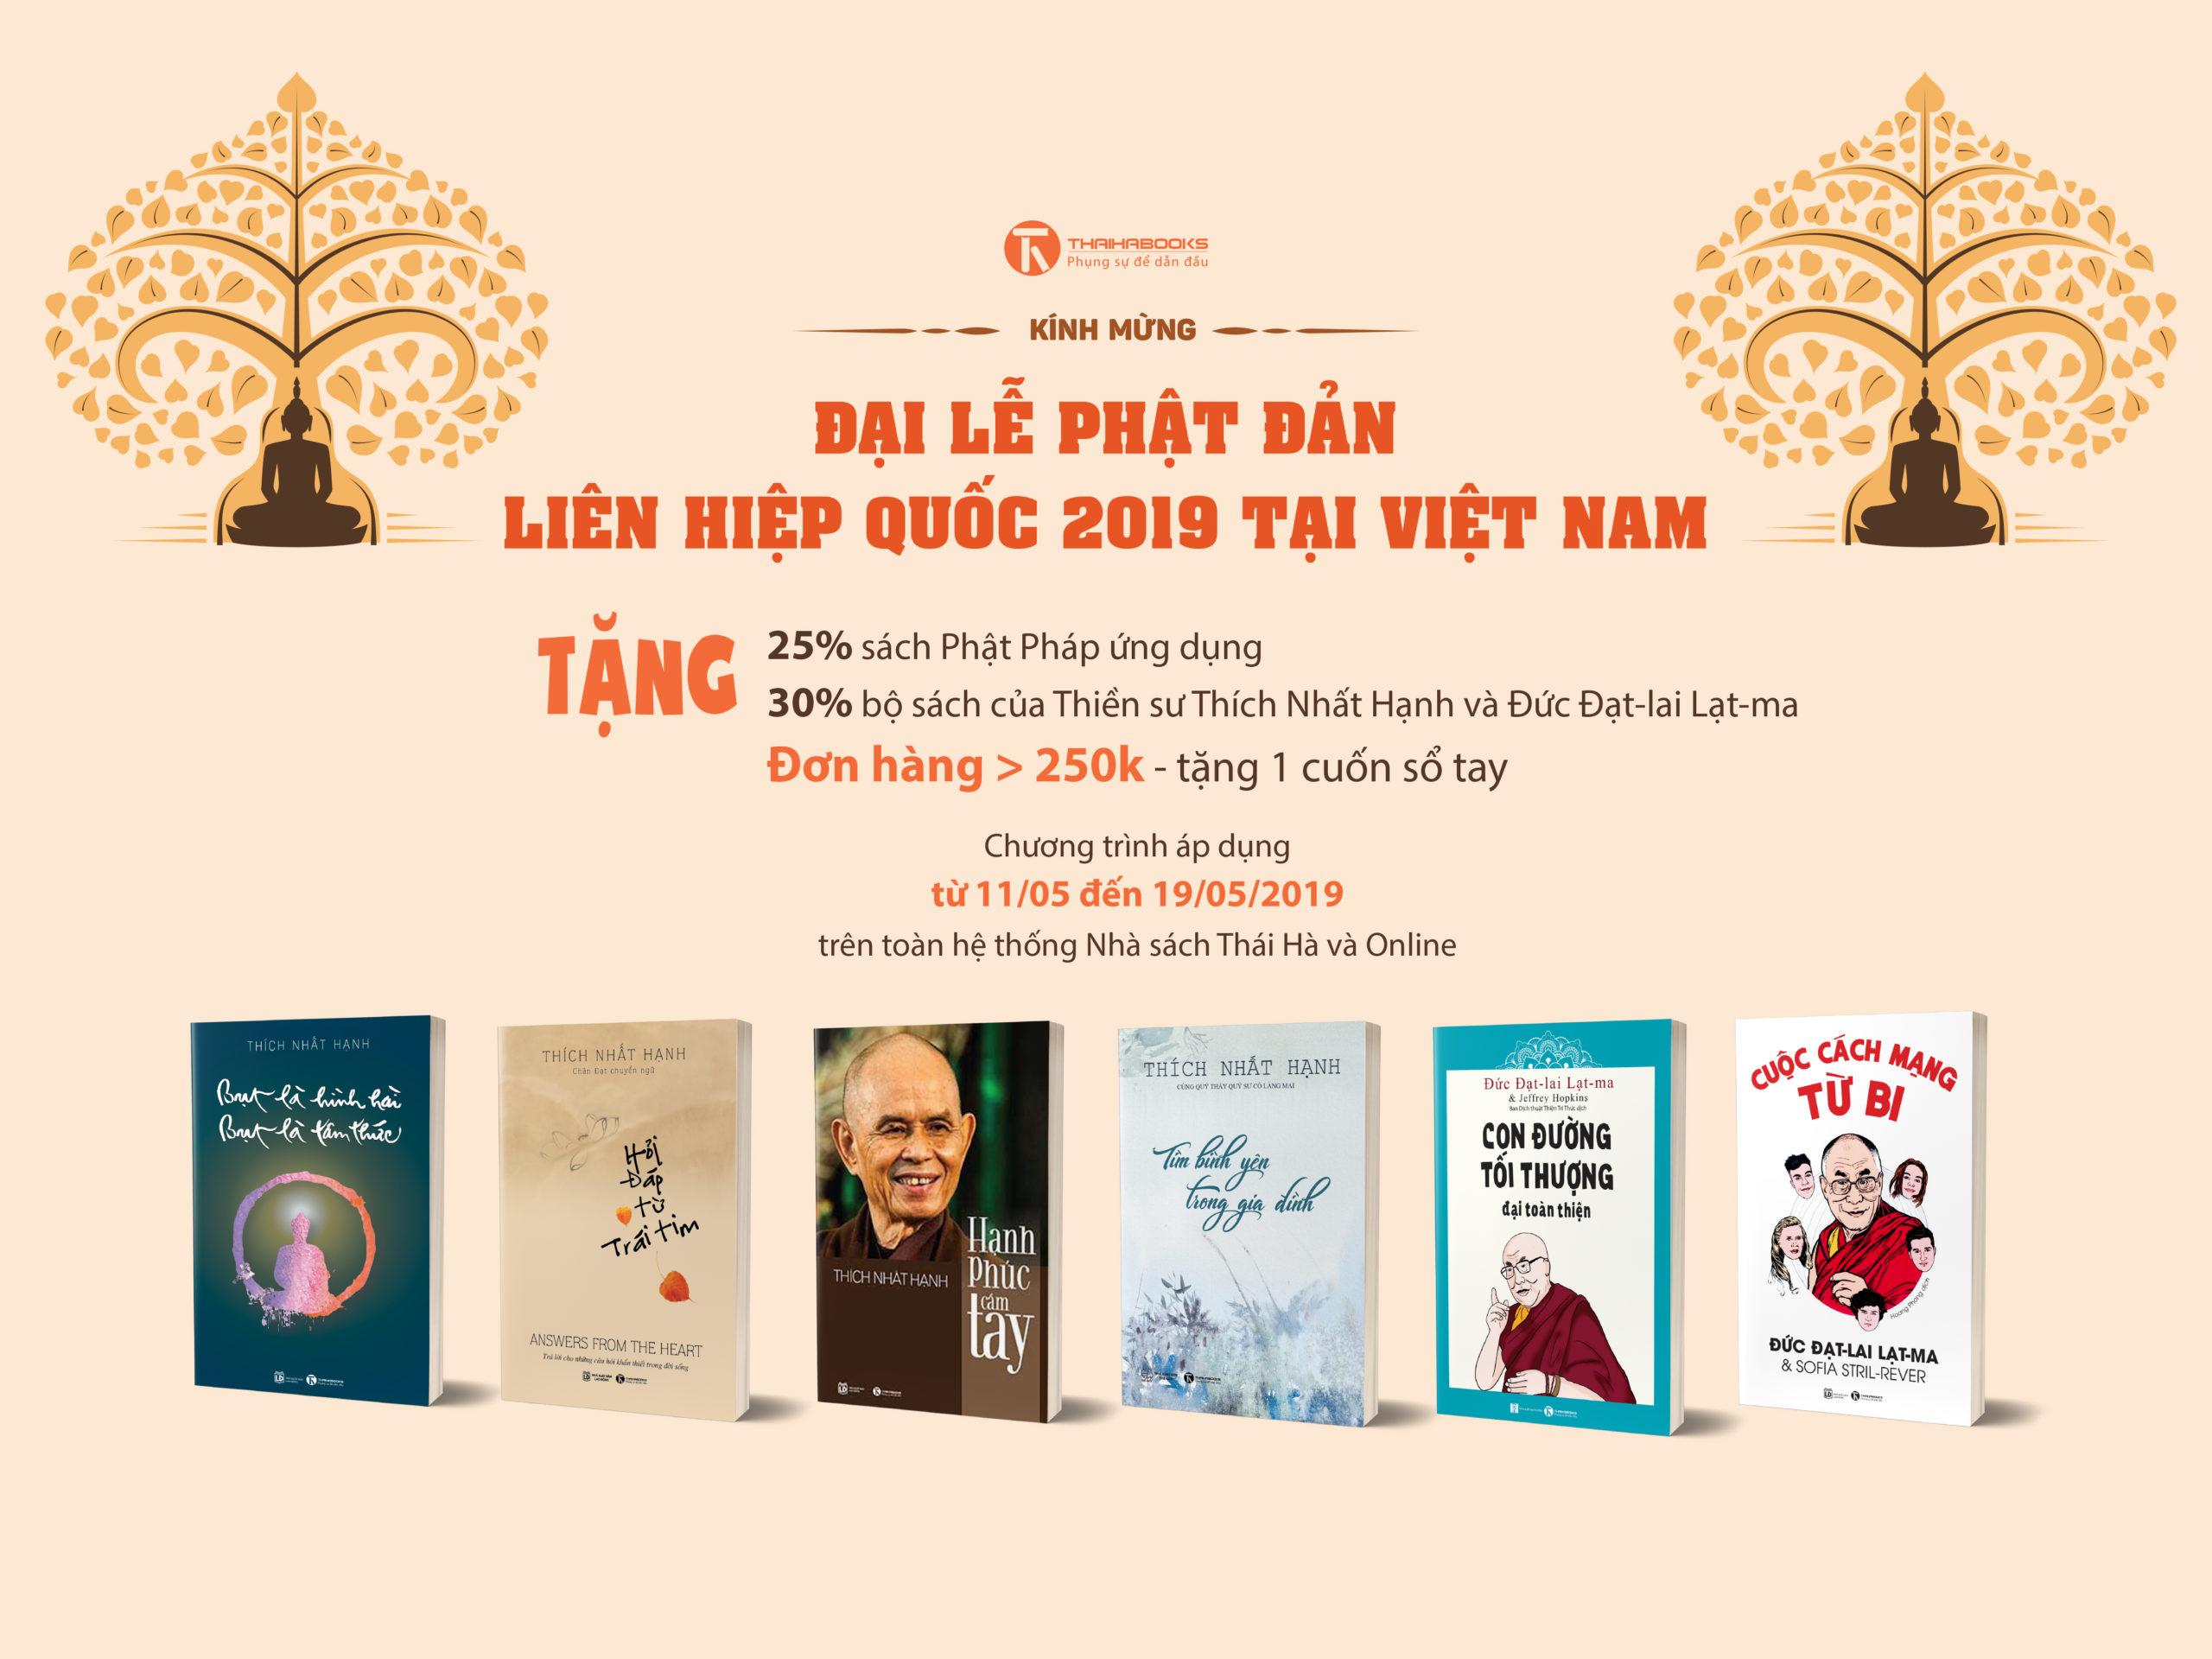 Kính mừng Đại lễ Phật Đản 2019